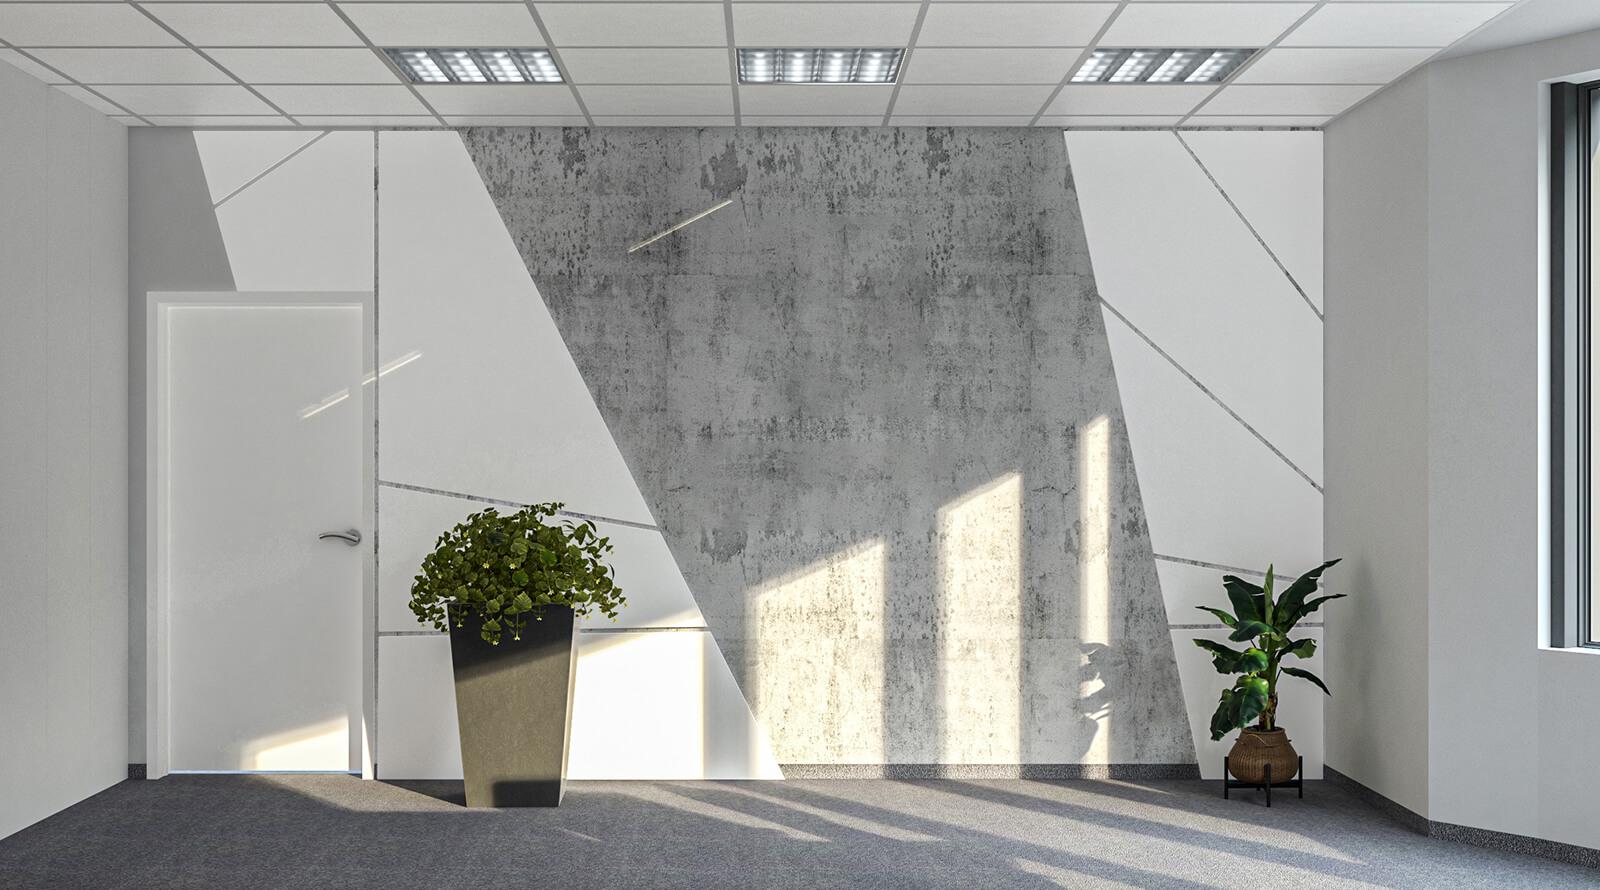 interioren-dizain-proekt-na-spodeleno-ofis-prostranstvo